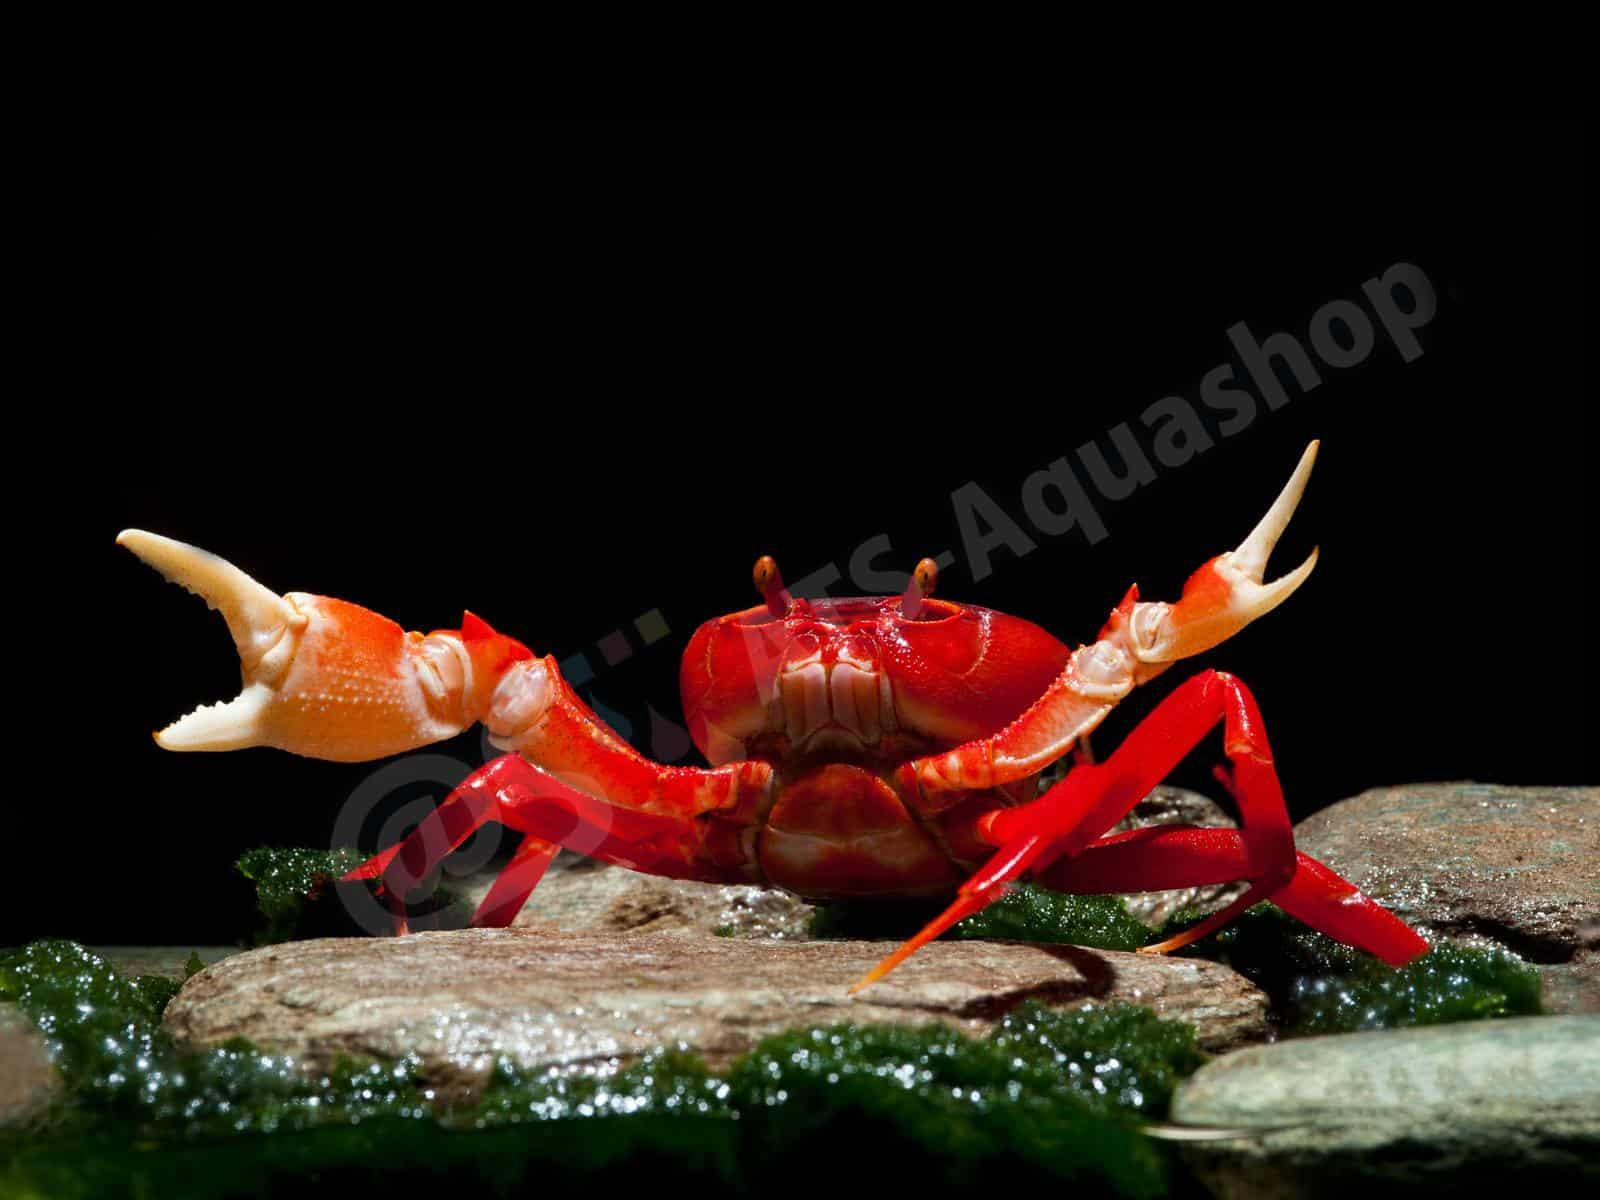 krabbe rot vietnam enrico richter 0252 7